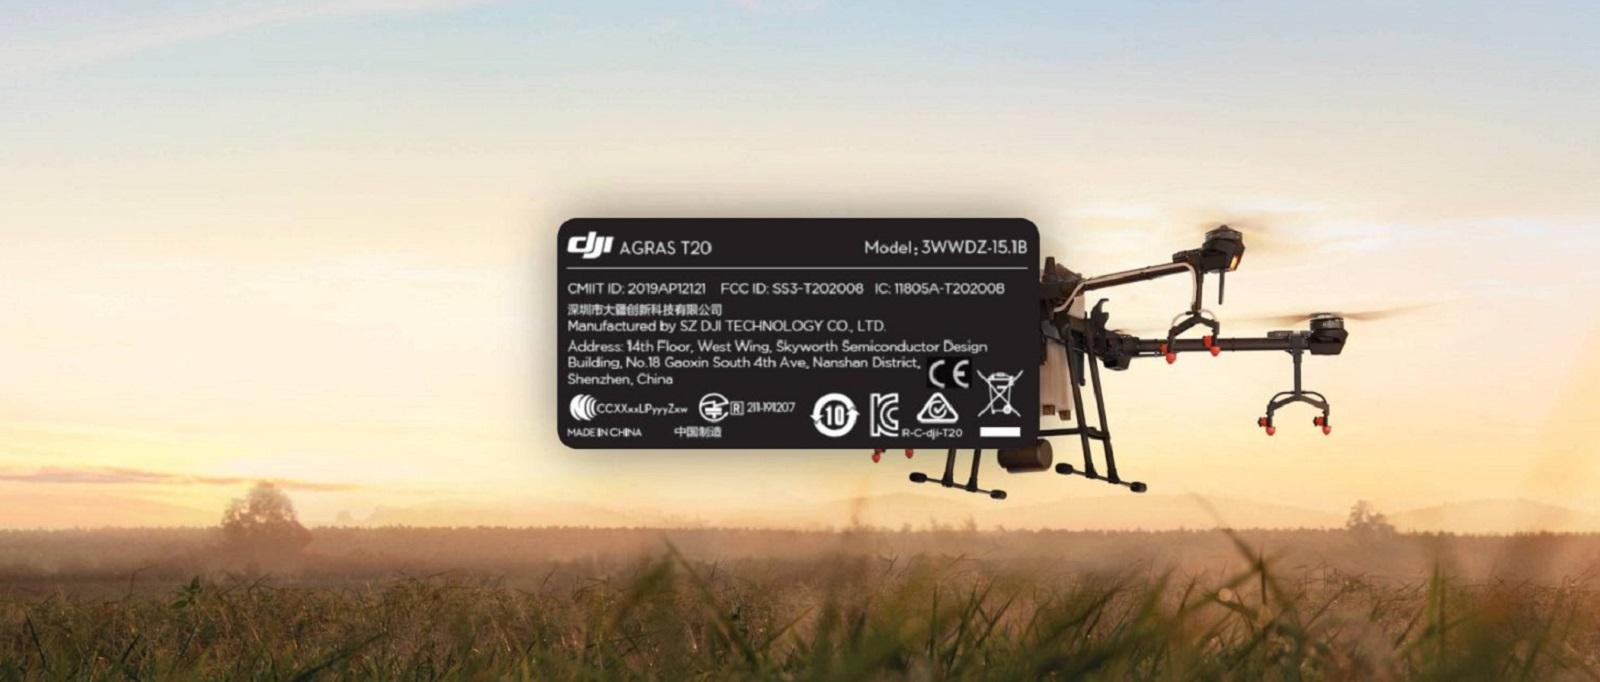 Сельскохозяйственный дрон DJI Agras T20 внесен в базу данных FCC